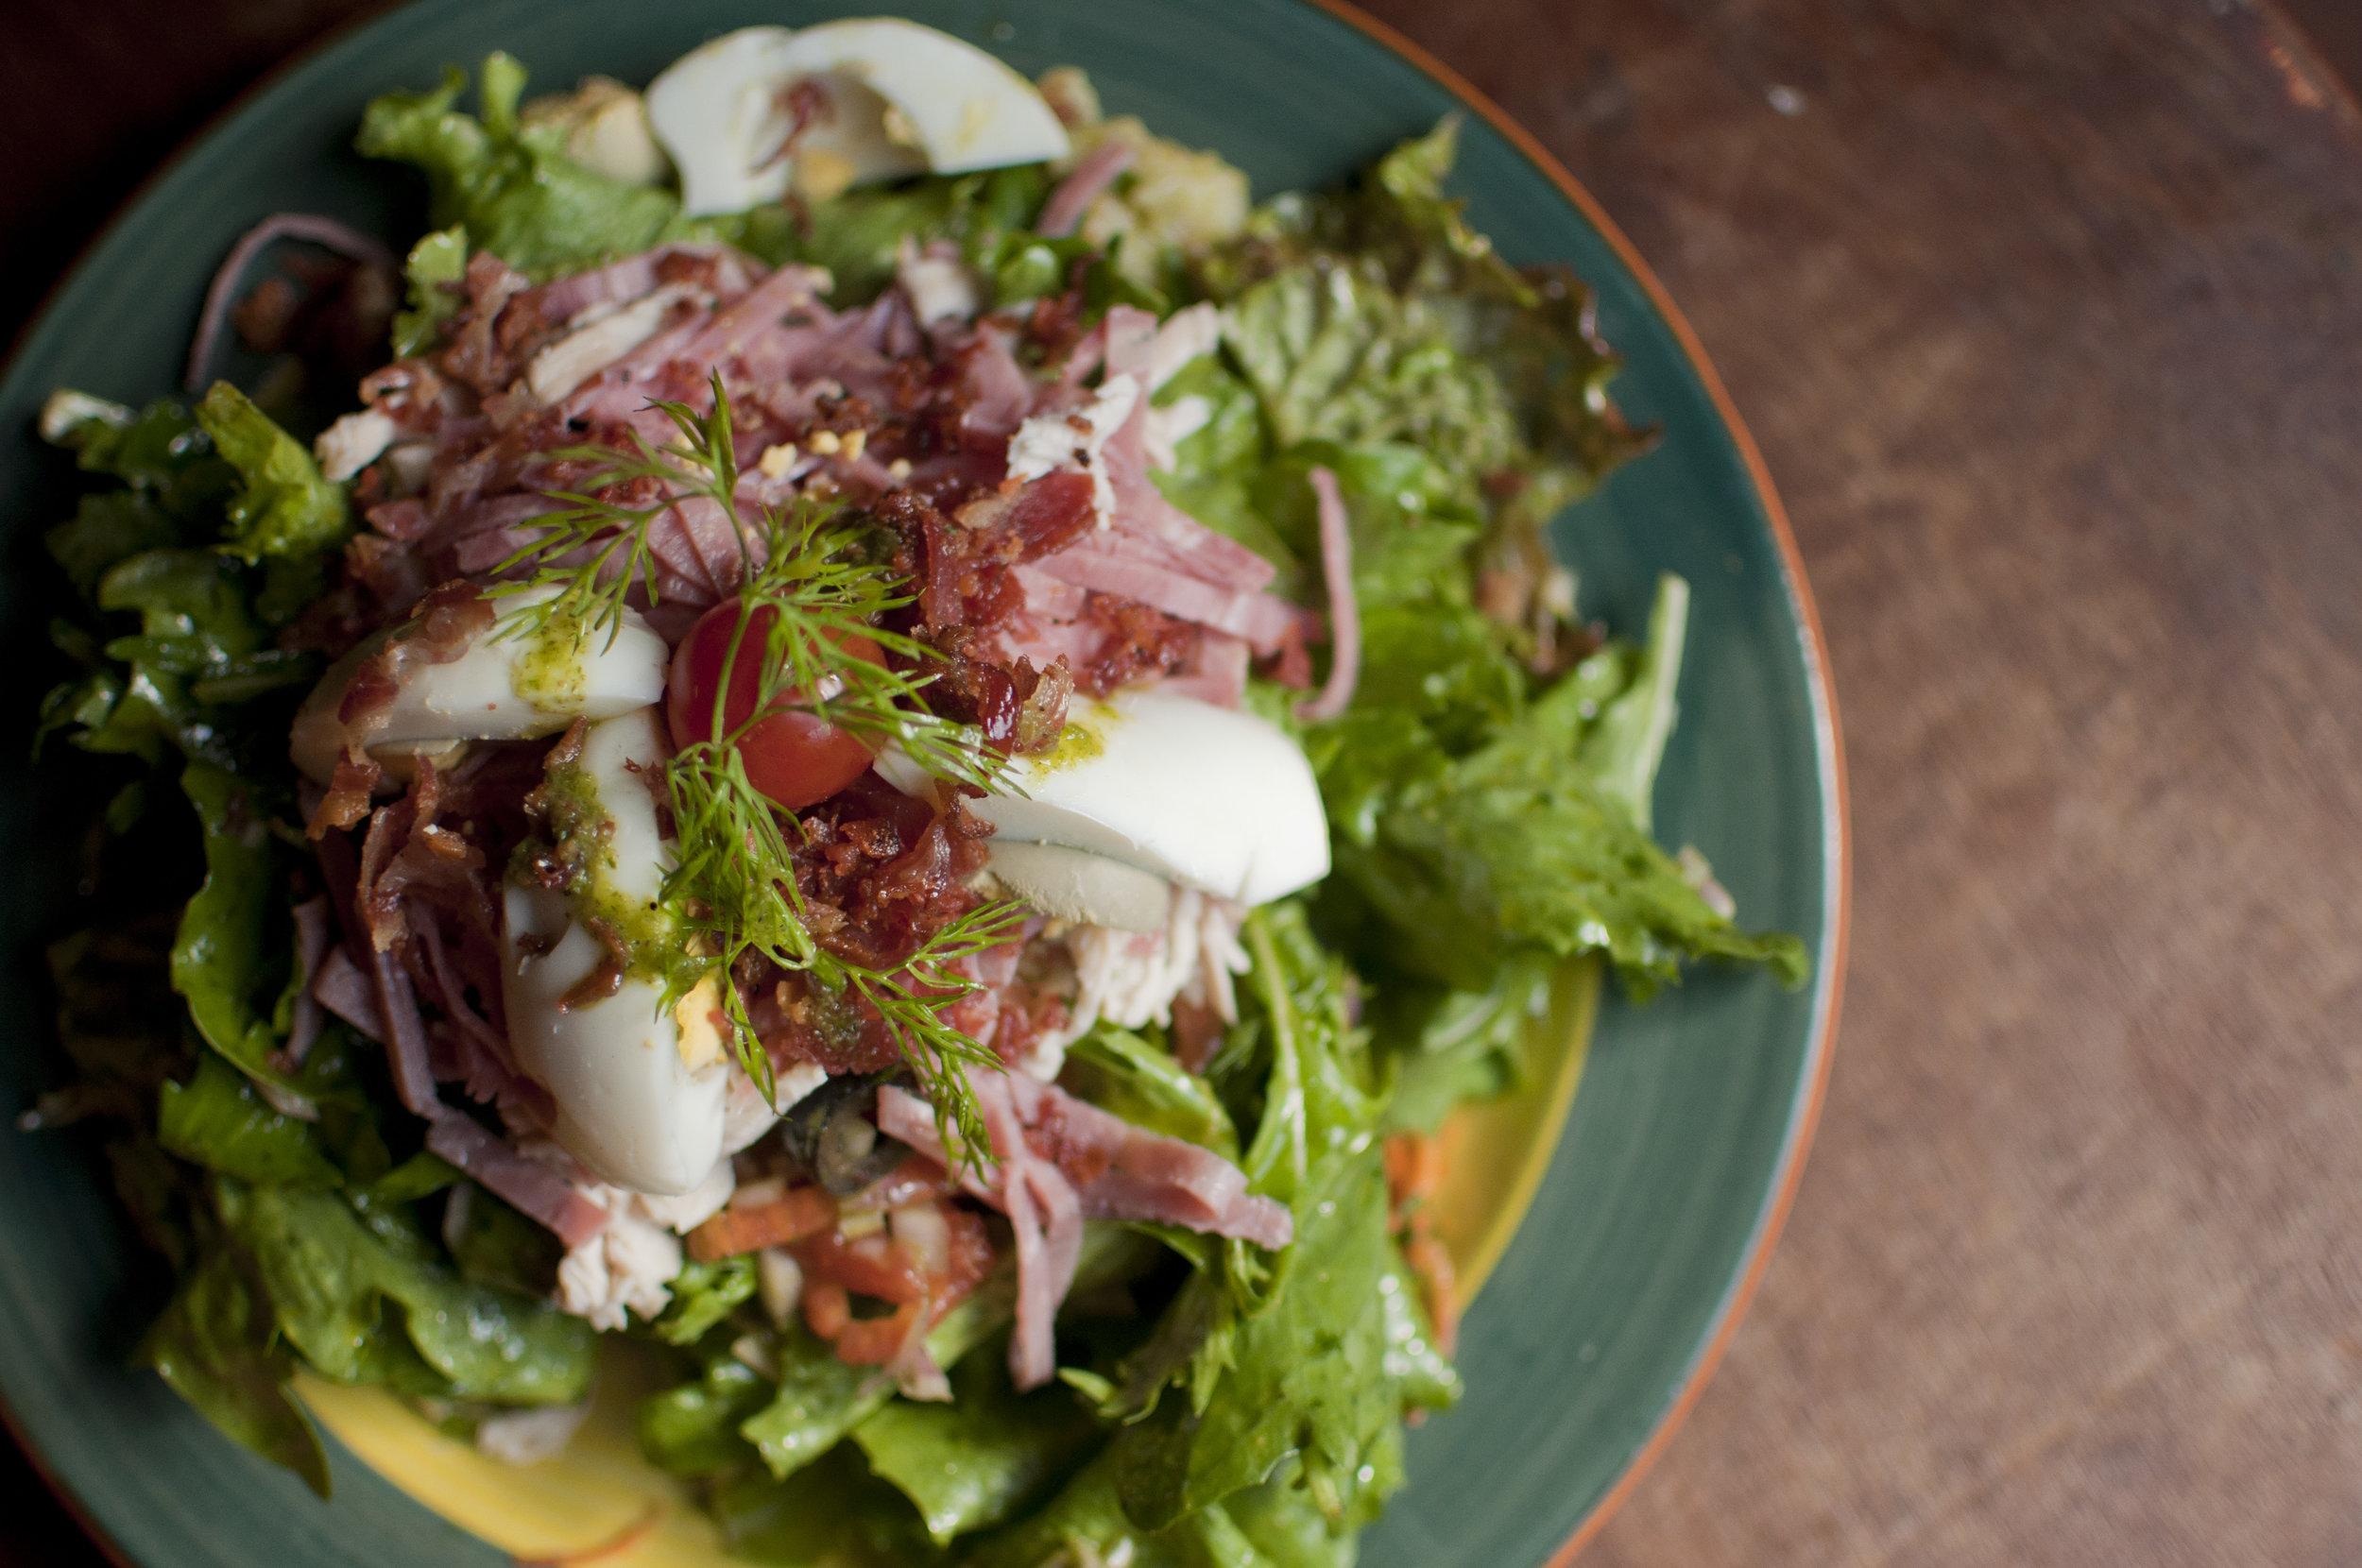 Pâtes et divers - Light fare & Pasta